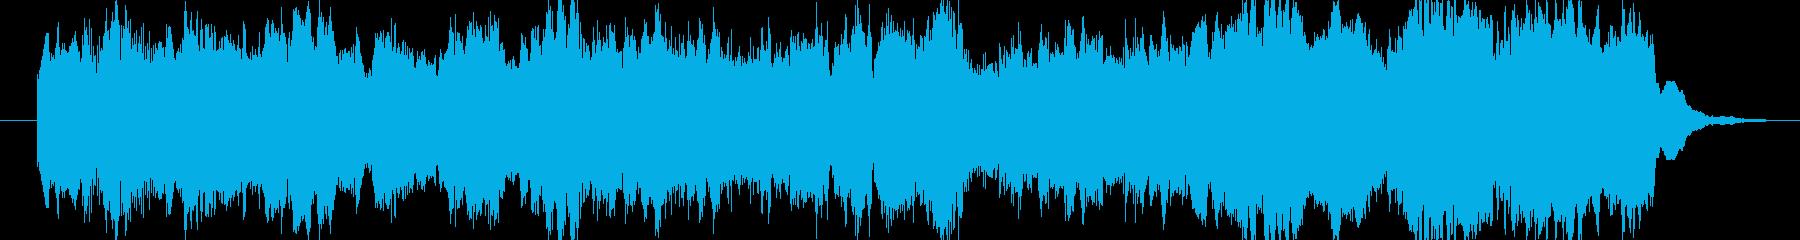 クラシック風(バロック)のジングルの再生済みの波形